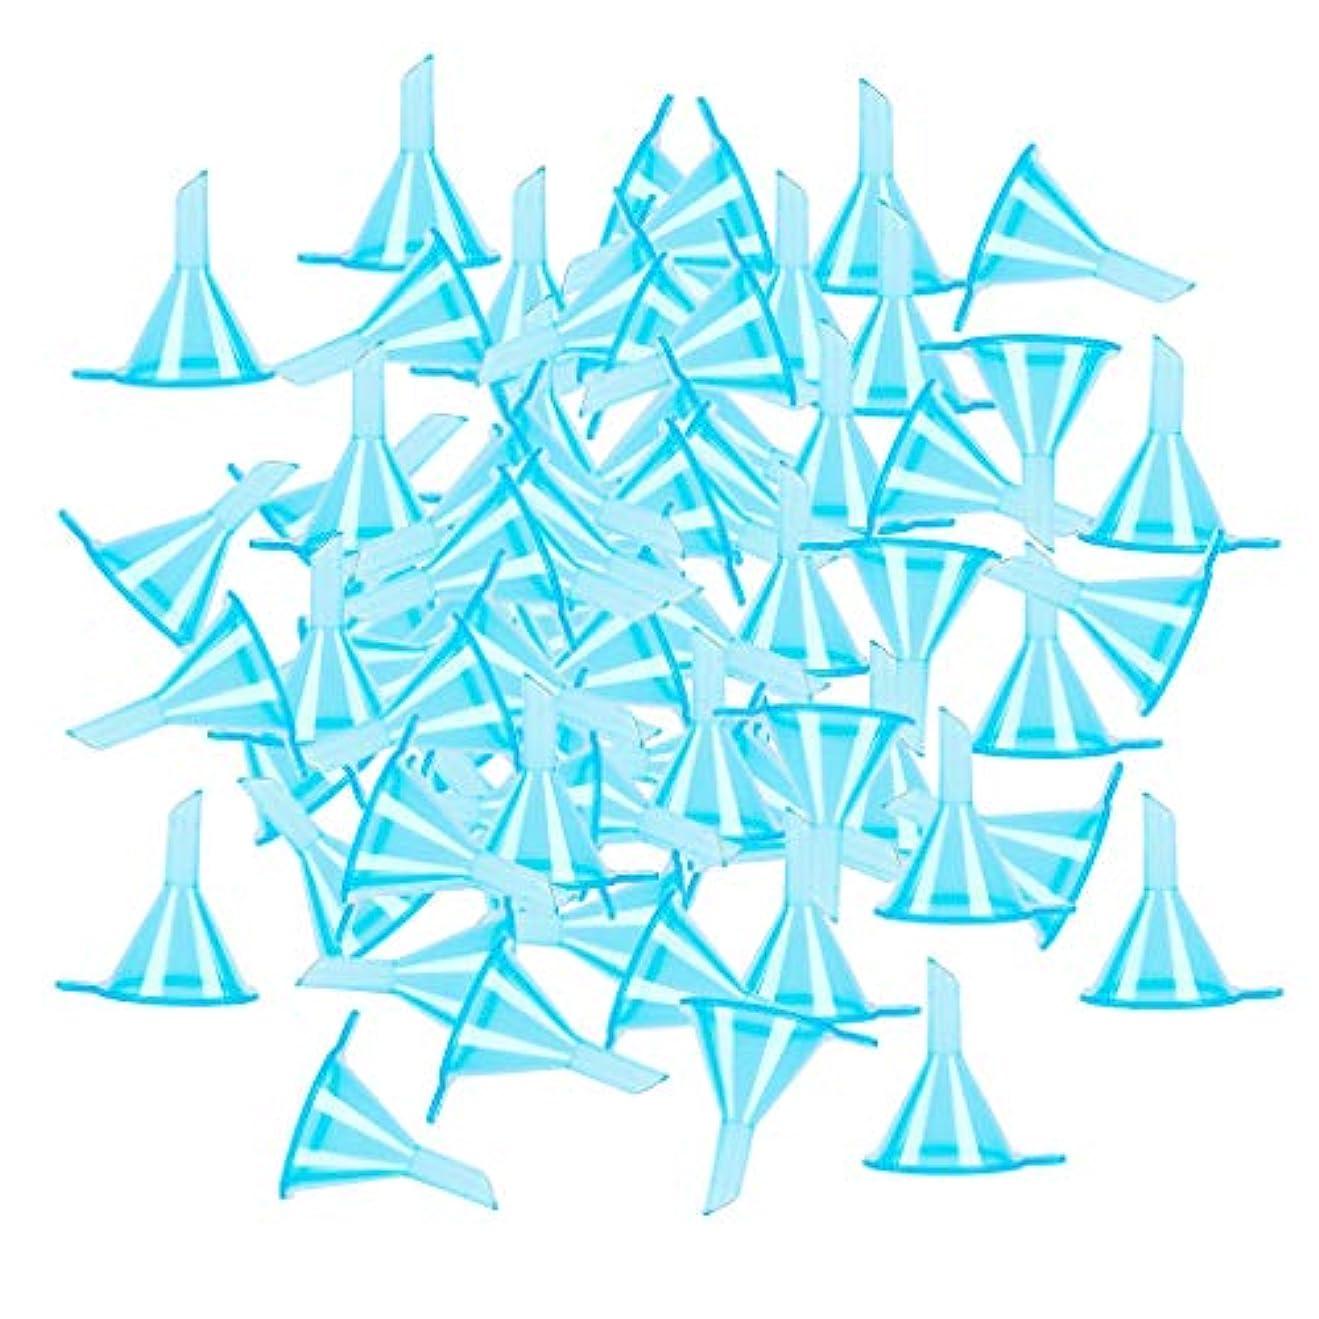 あいまいさ予知比較的T TOOYFUL 100個セット 液体 香水用 小分けツール ミニ ファンネル エッセンシャルオイル 全3色 - ブルー